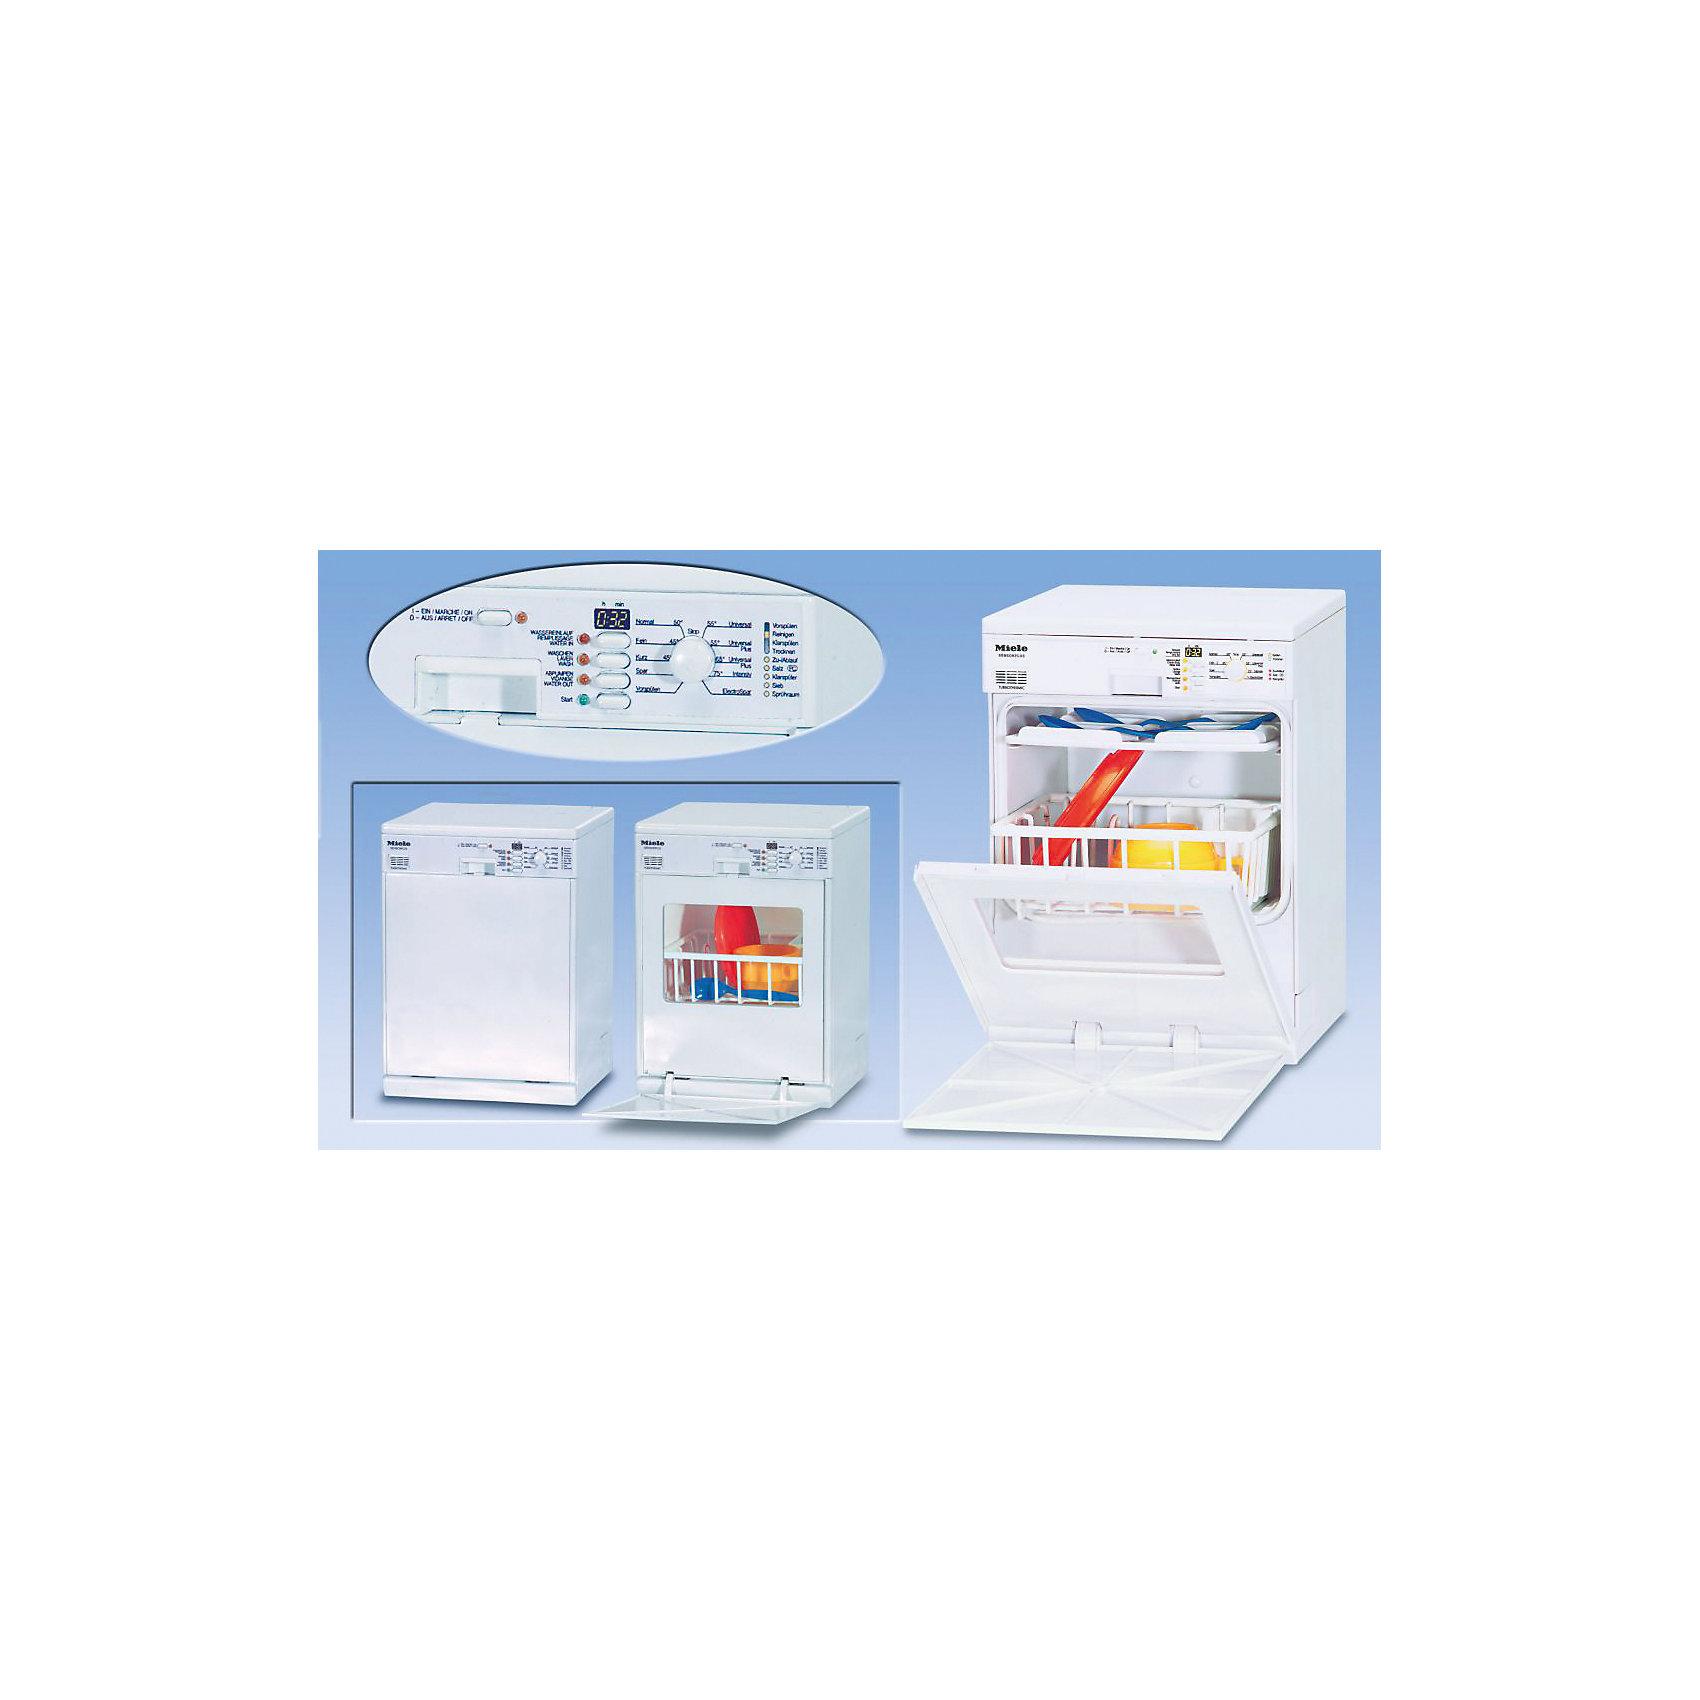 Посудомоечная машина Miele, KleinИгрушечная бытовая техника<br>С игрушечными бытовыми приборами Кляйн (Klein) кухня маленькой хозяйки станет еще более современной и реалистичной. Посудомоечная машина Miele, Klein - точная копия своего взрослого прототипа, с функциями, адаптированными для детской игры. Игрушка моет посуду водой, которая заливается в специальный отсек в верхней части машины, объем около 0,15 литров. В нижней части есть индикатор уровня воды. Слив в посудомойке производится через шланг на задней стенке машины.<br><br>Кнопки на панели запускают различные процессы: наполнение машины водой, мойка, слив, каждый этап длится около 15 секунд и имеет свой характерный звук. При нажатии кнопки Start автоматически включается полный цикл всех программ последовательно. В комплект также входят разнообразные аксессуары для игры: тарелка, чашки, лотки для посуды. Посудомоечная машина Кляйн послужит прекрасным дополнением к детской кухне.<br><br>Дополнительная информация:<br><br>- В комплекте: посудомоечная машина, тарелка, ложка, чашка, лоток для крупной посуды, лоток для мелкой посуды.<br>- Материал: пластик.<br>- Требуются батарейки: 3 х R14 (не входят в комплект).<br>- Размеры машины: 19 х 19 х 27 см. <br>- Размер упаковки: 28 x 23,5 x 20 см.<br>- Вес: 1,9 кг.<br><br>Посудомоечную машину Miele, Klein можно купить в нашем интернет-магазине.<br><br>Ширина мм: 200<br>Глубина мм: 233<br>Высота мм: 280<br>Вес г: 1910<br>Возраст от месяцев: 36<br>Возраст до месяцев: 1164<br>Пол: Женский<br>Возраст: Детский<br>SKU: 1404534